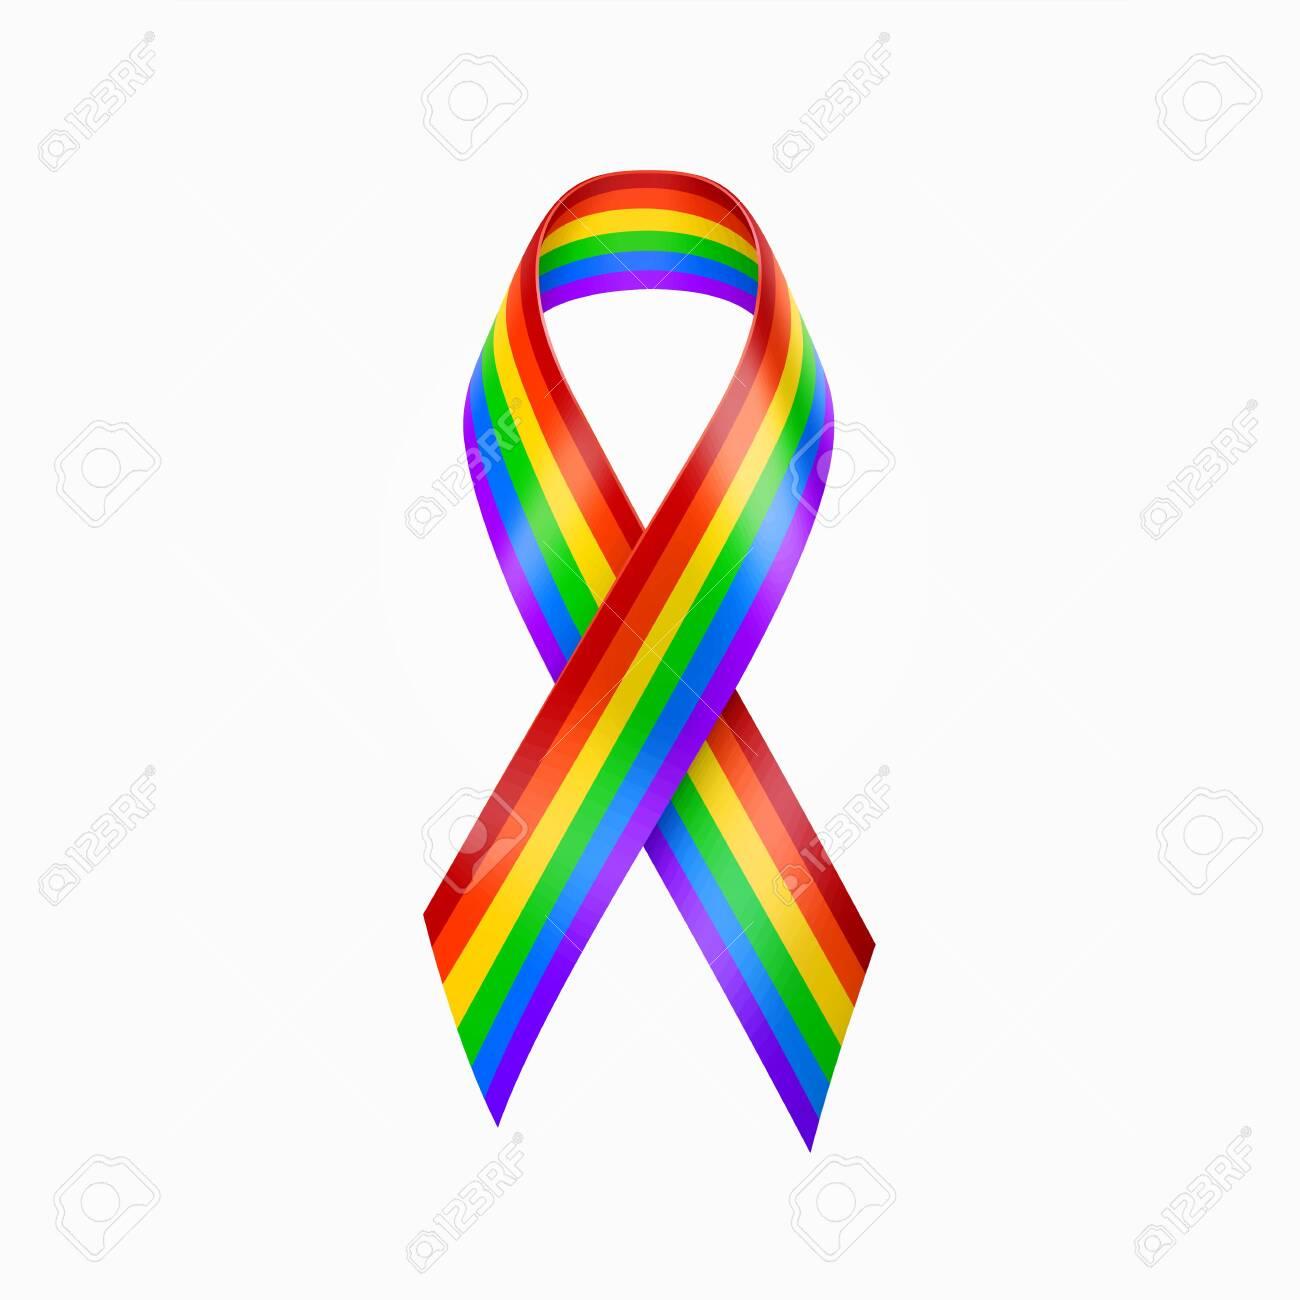 Rainbow Ribbon. Gay pride, LGBT rainbow ribbon. Homosexual sign vector